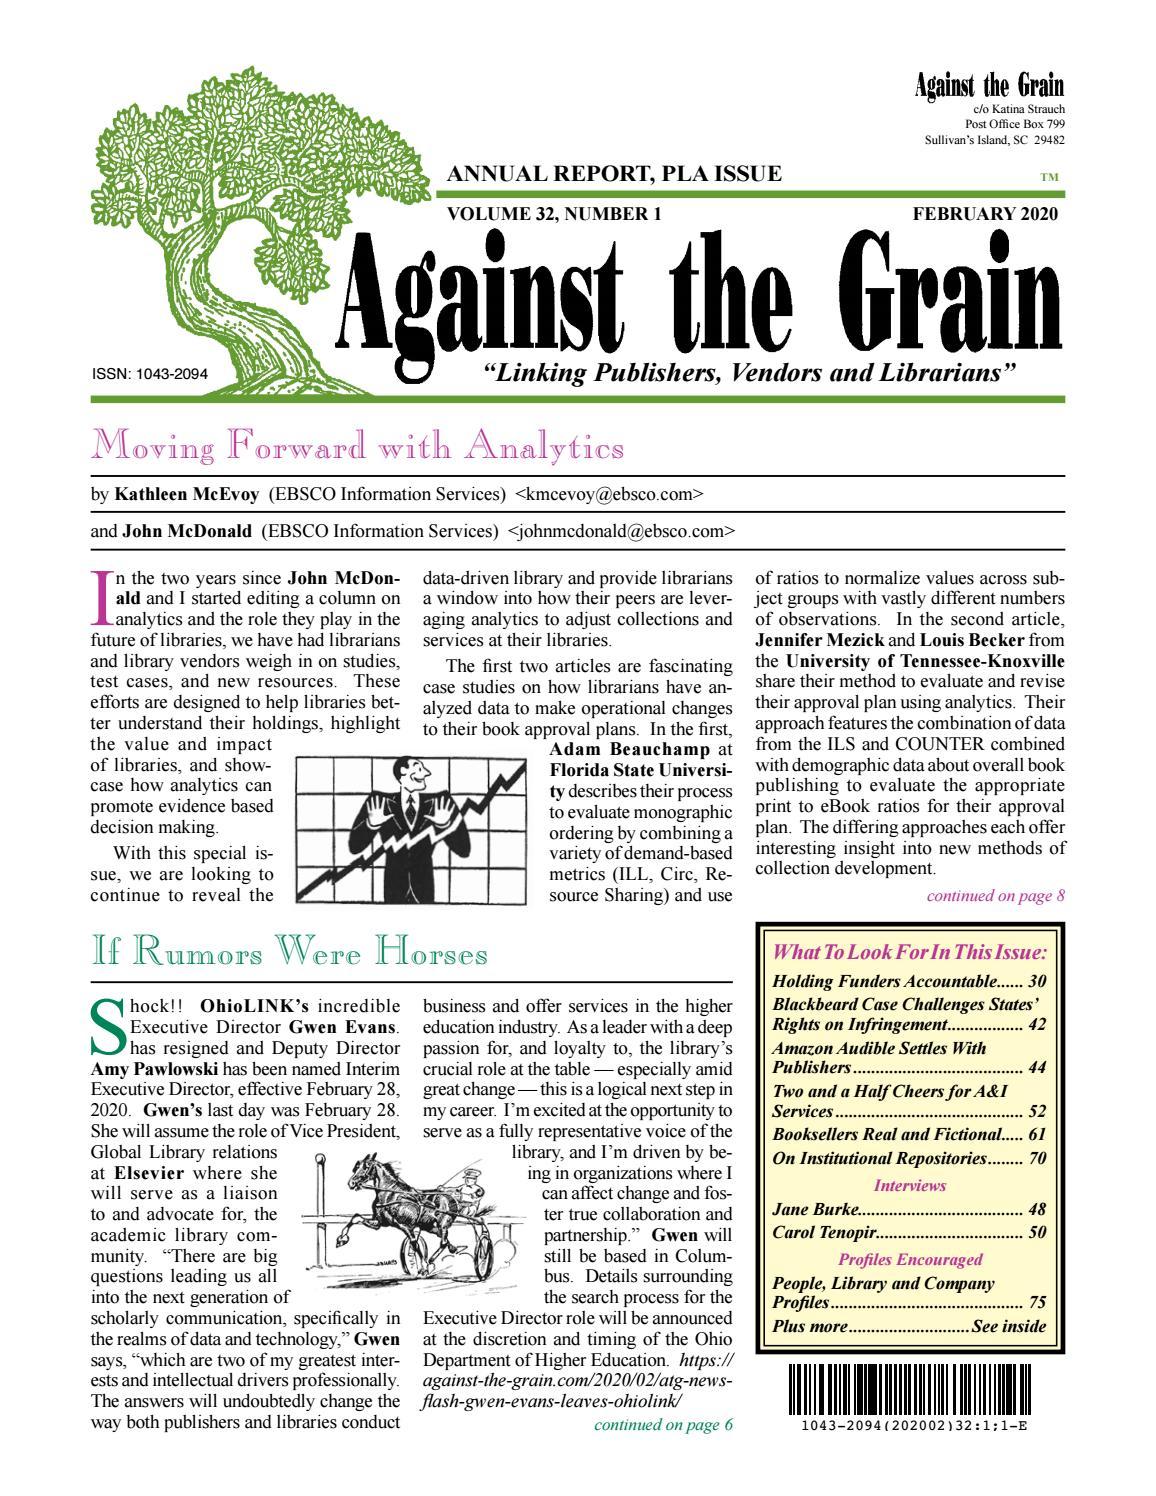 Against The Grain V32 #1 February 2020 Inside Berkeley County Sc School.calendar 2021 2020